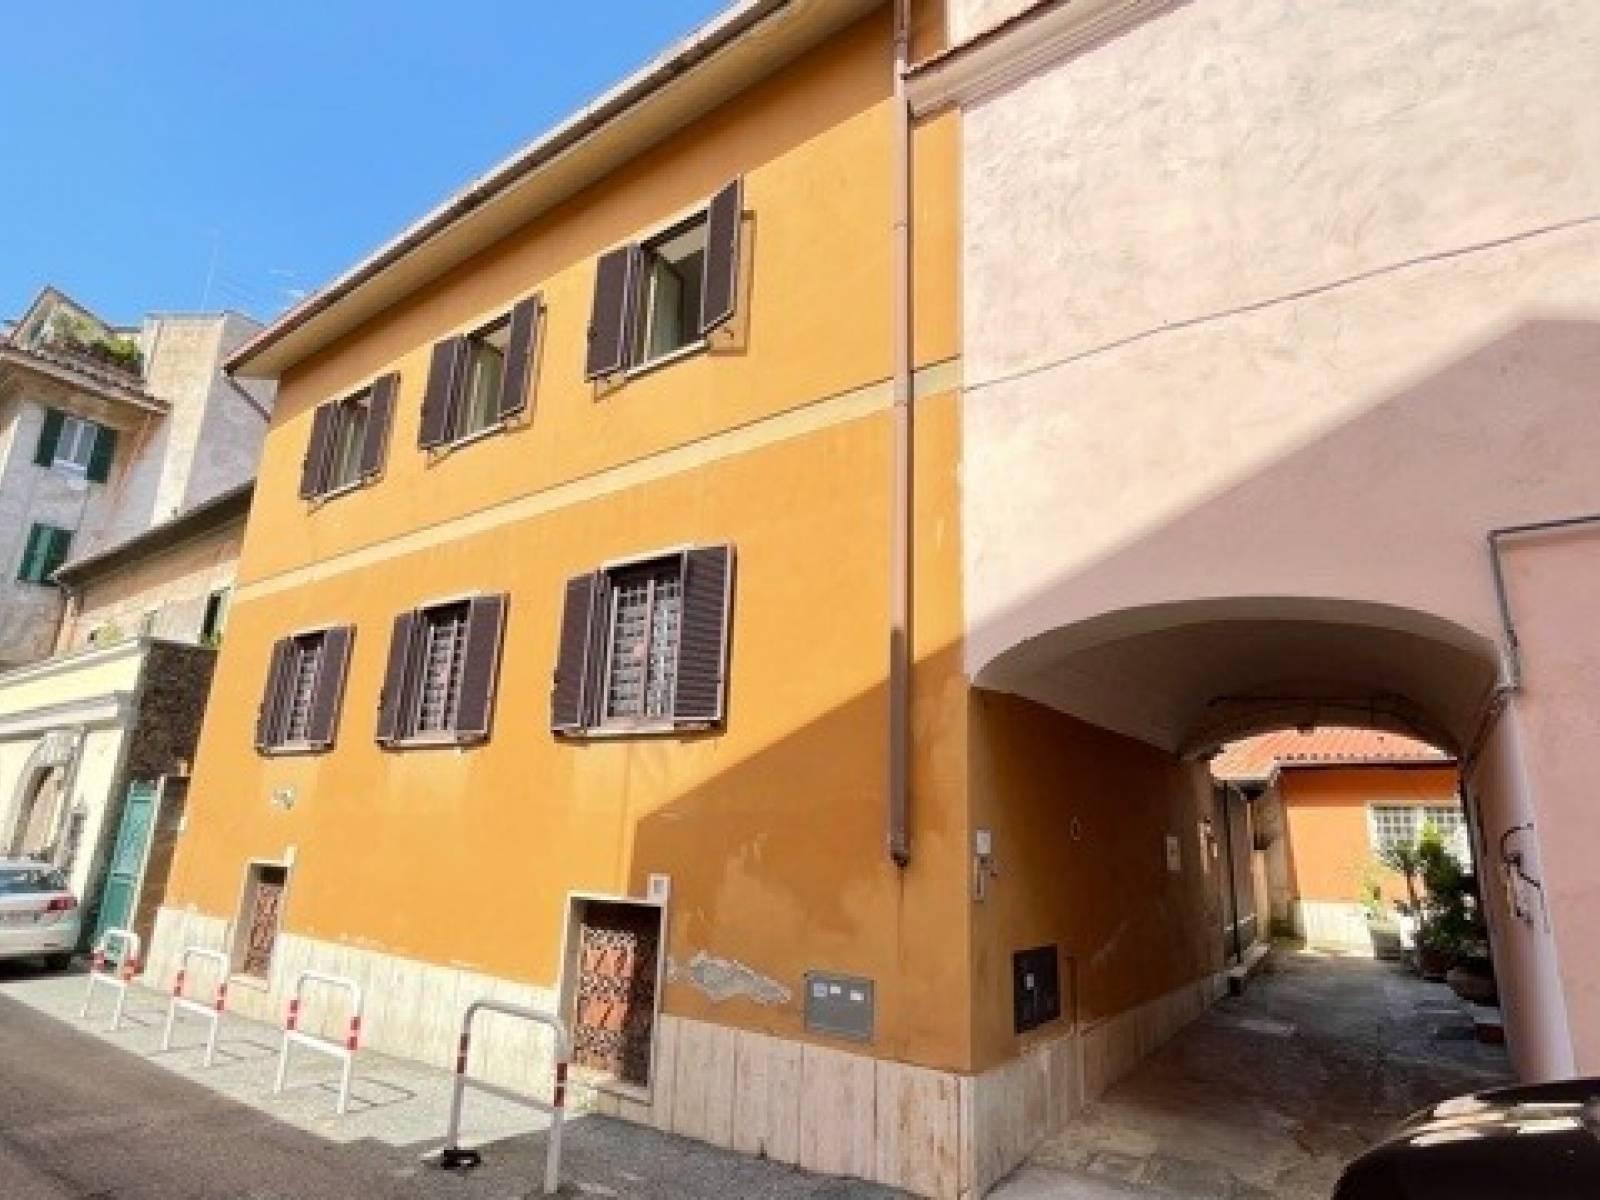 1118420678 Pentalocale in Via Labico, Roma, Zona Acqua Bullicante